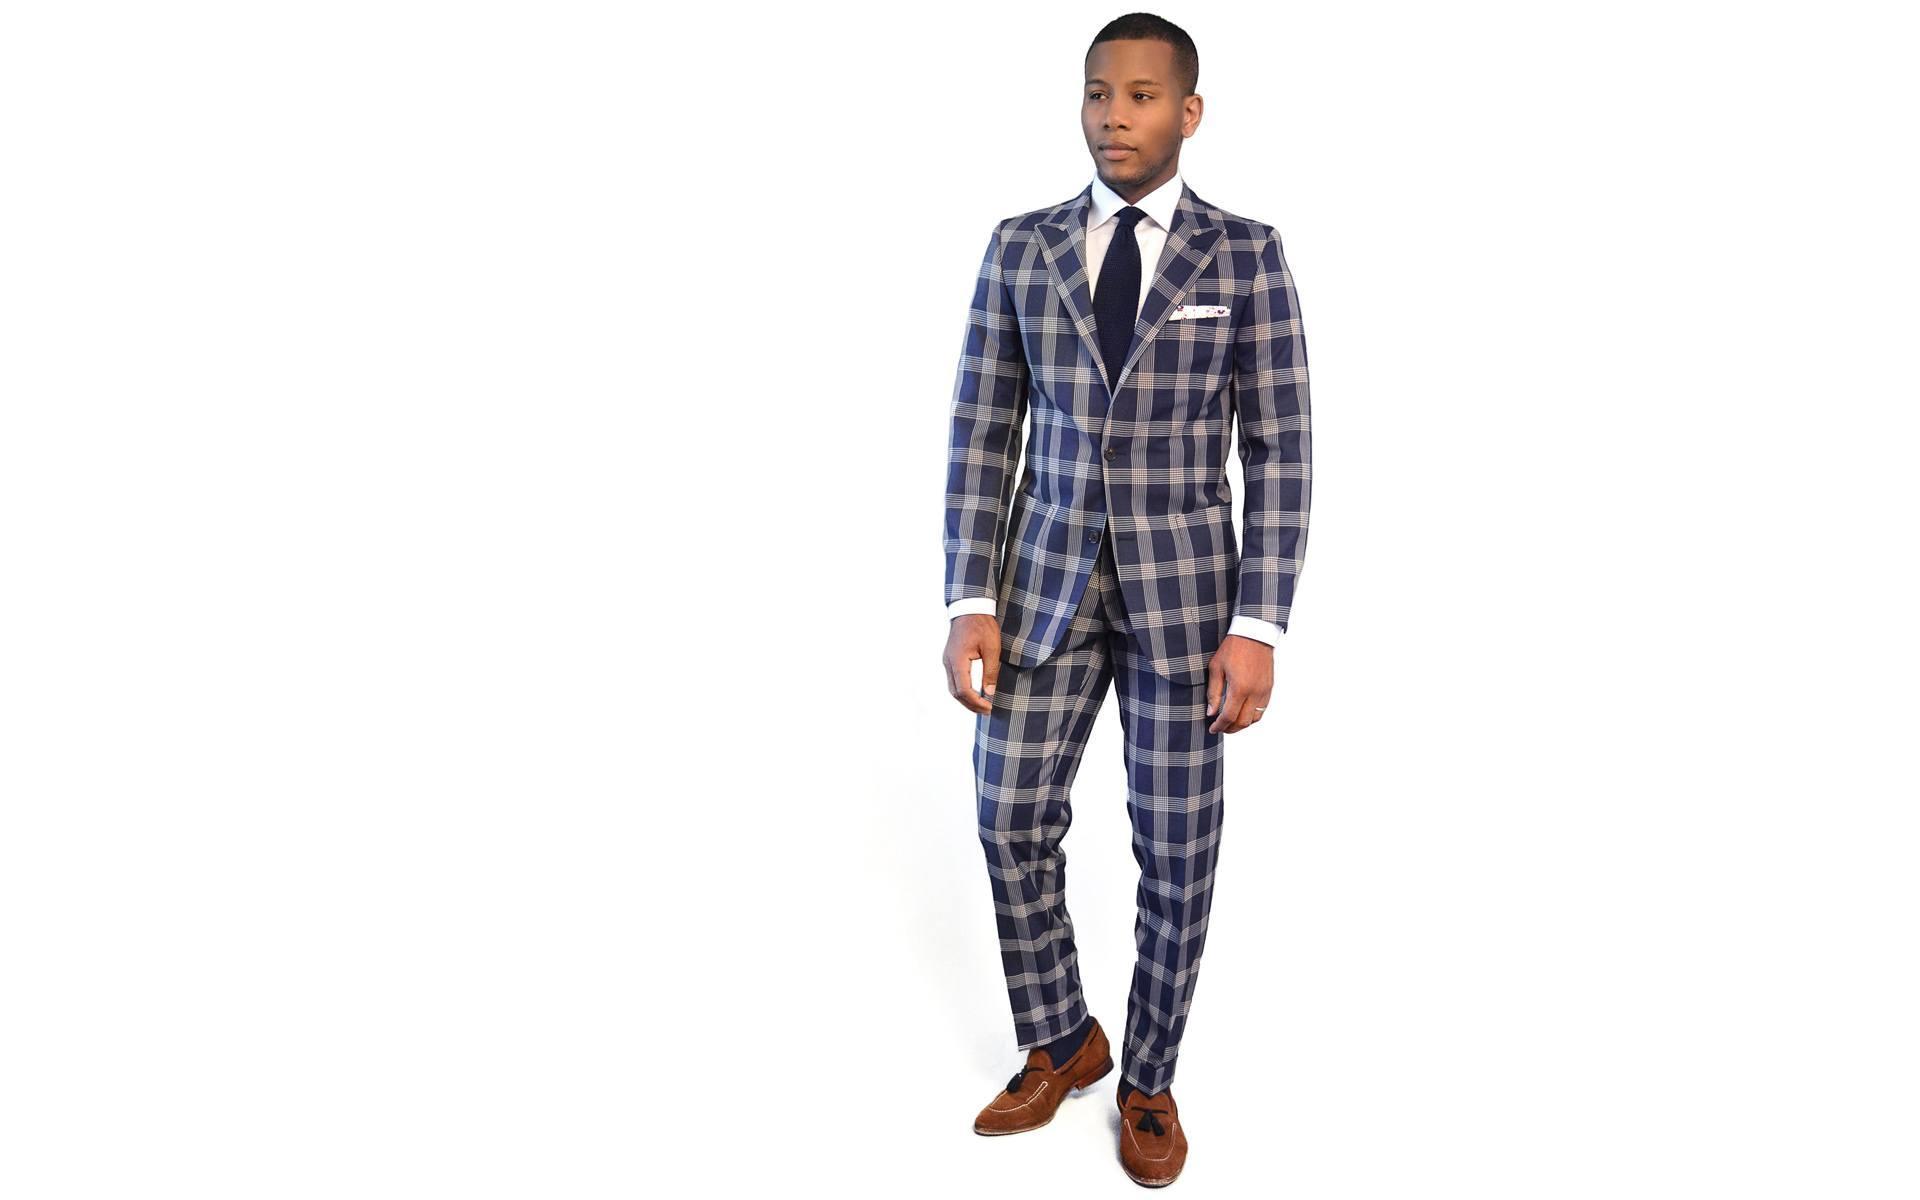 Men's Style Pro Blue Plaid Suit